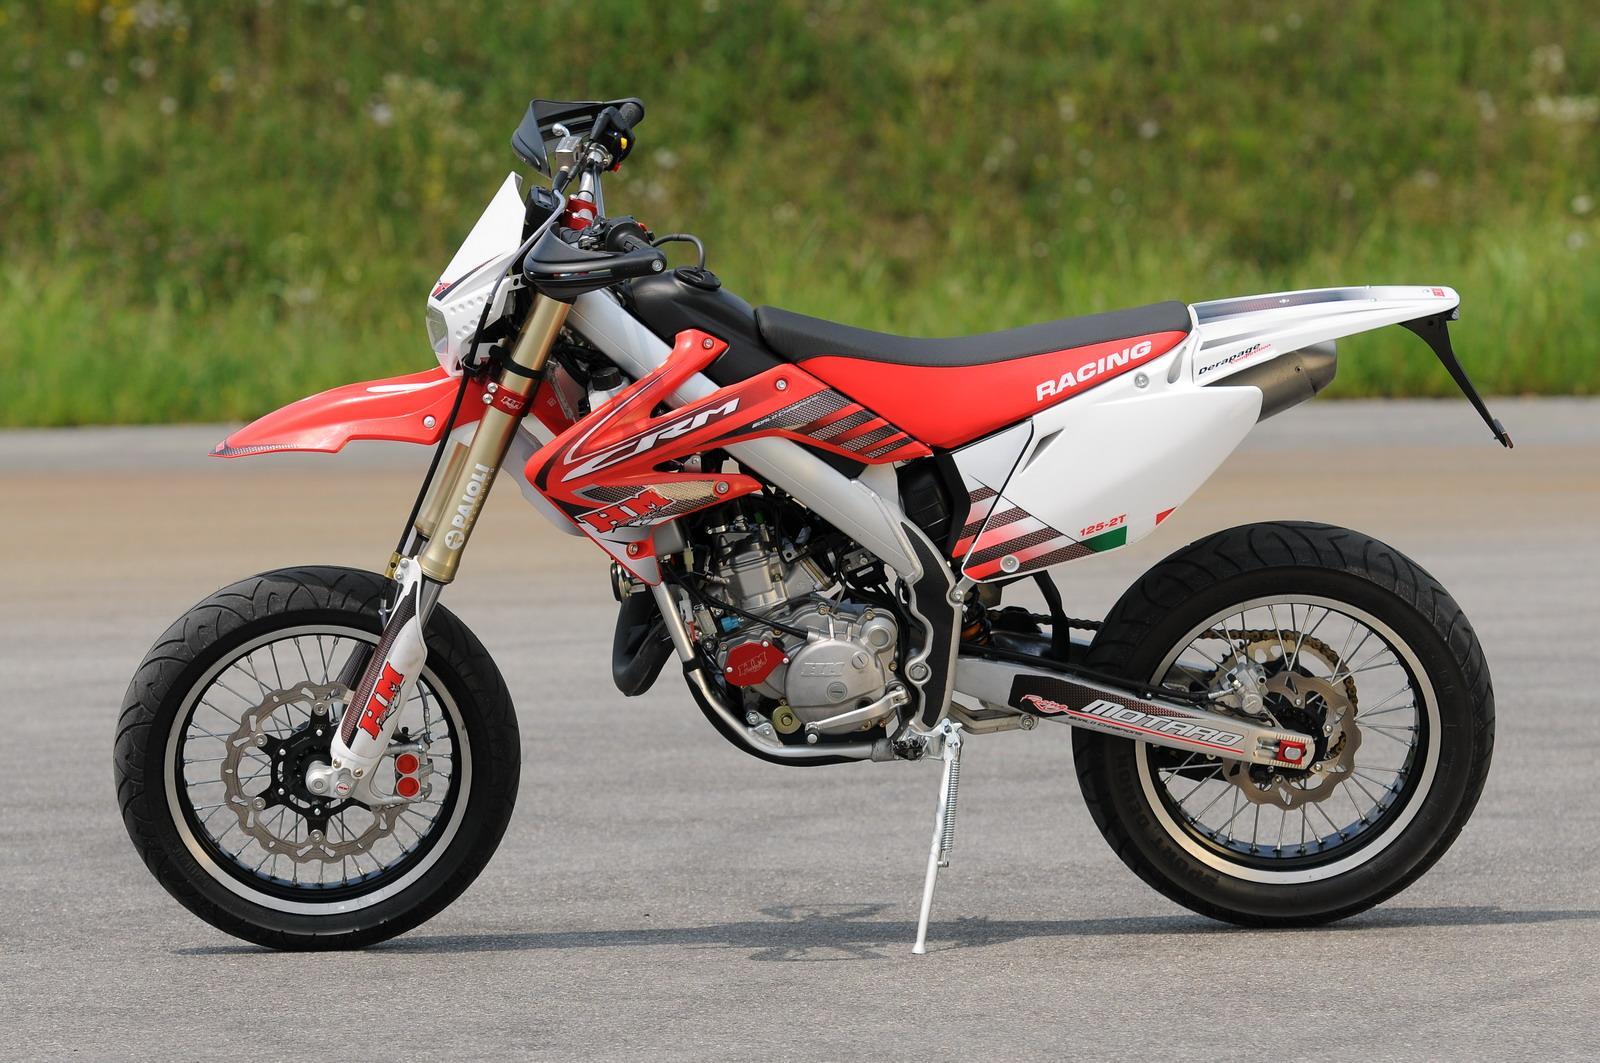 Foto HM CRM 125 Derapage Competition RR 2t 2011 ...